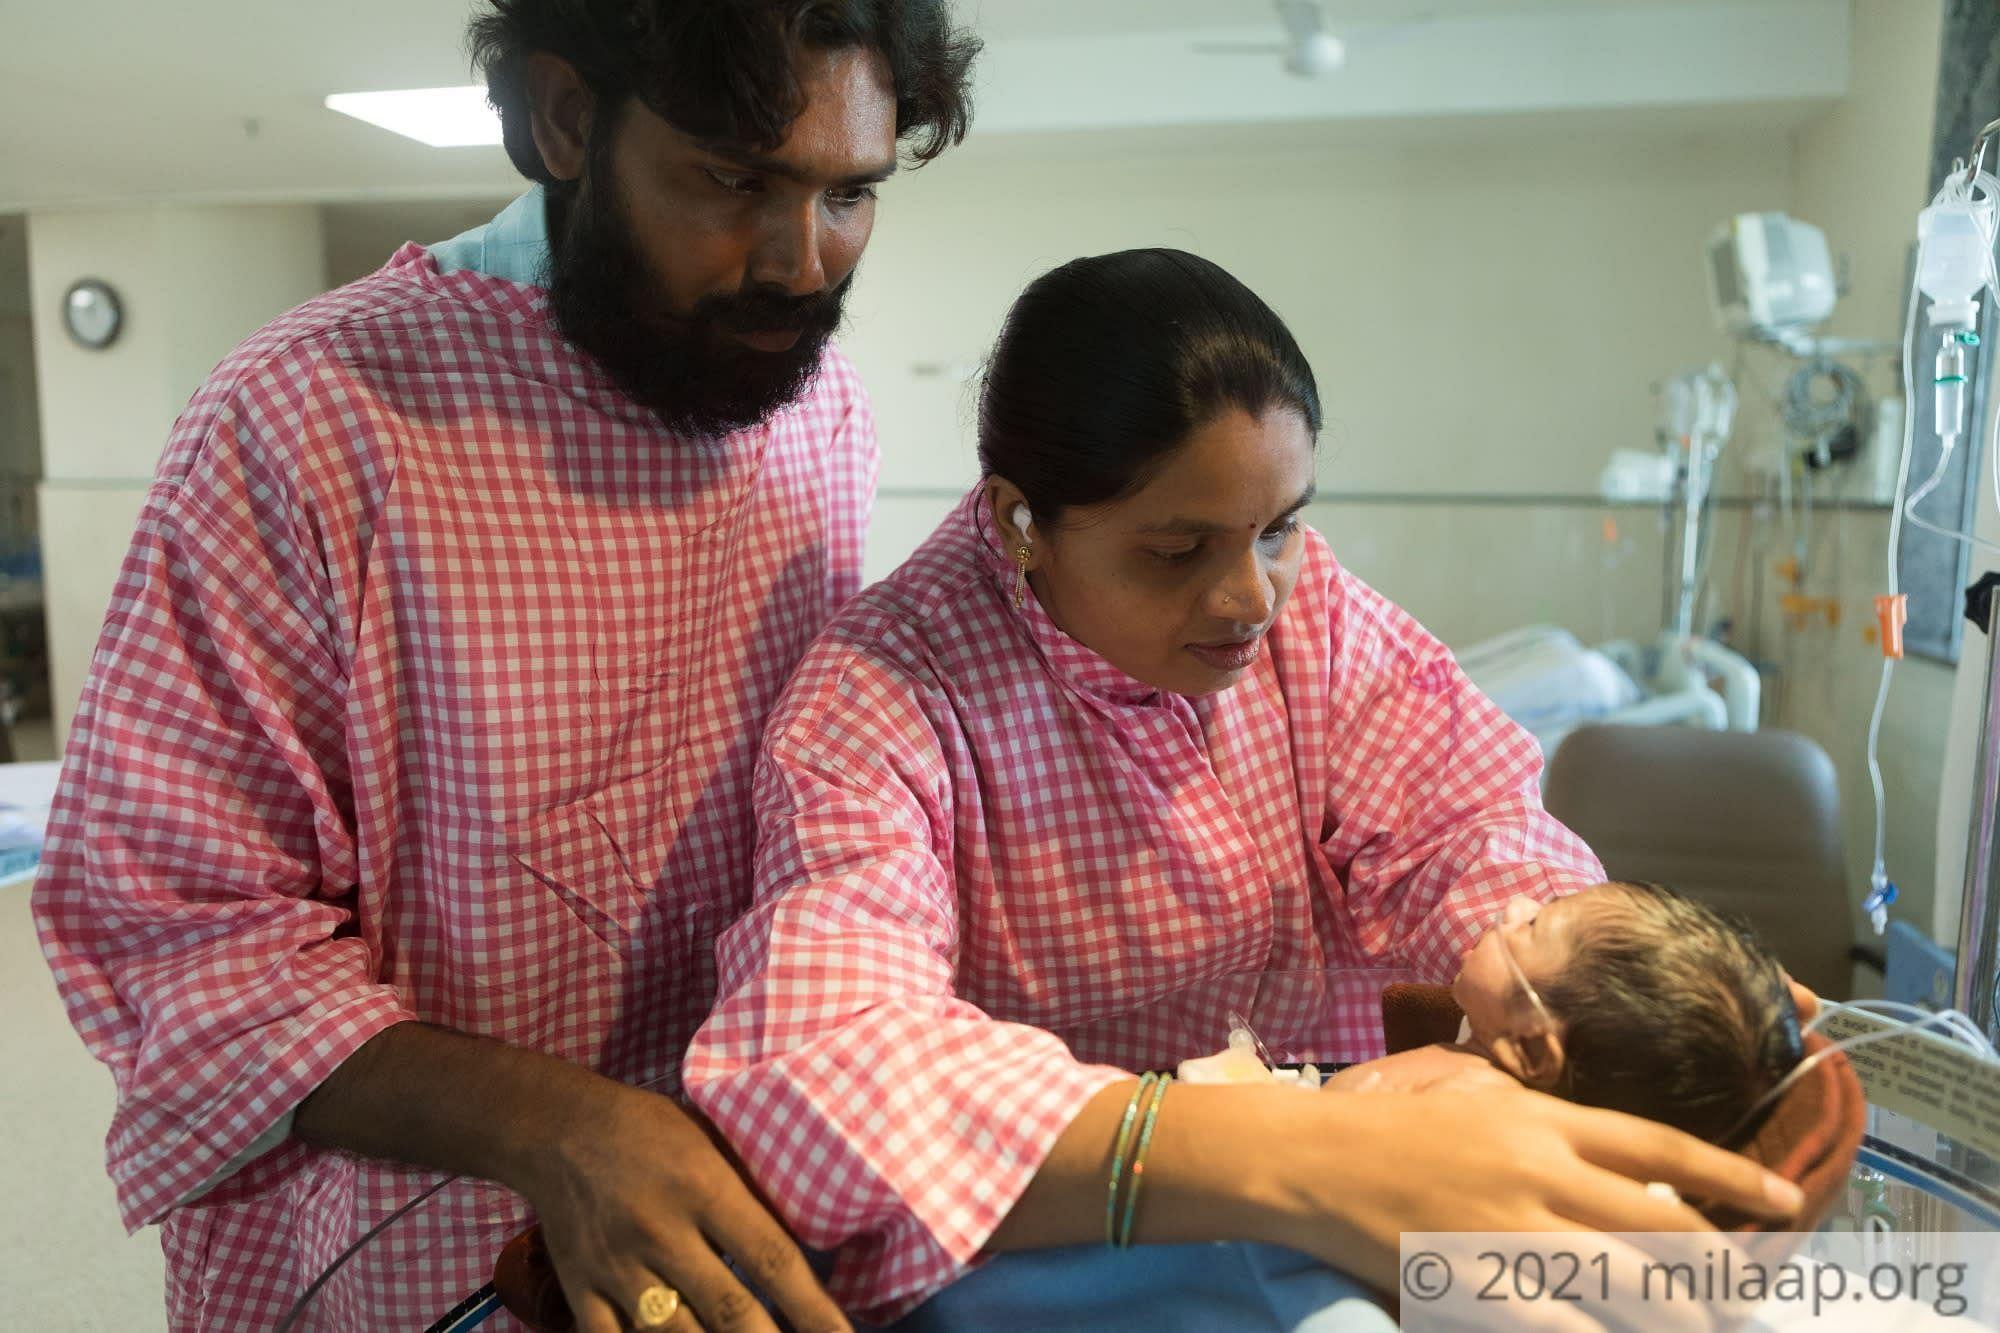 Baby of jhansi 6 amhihz 1574843464